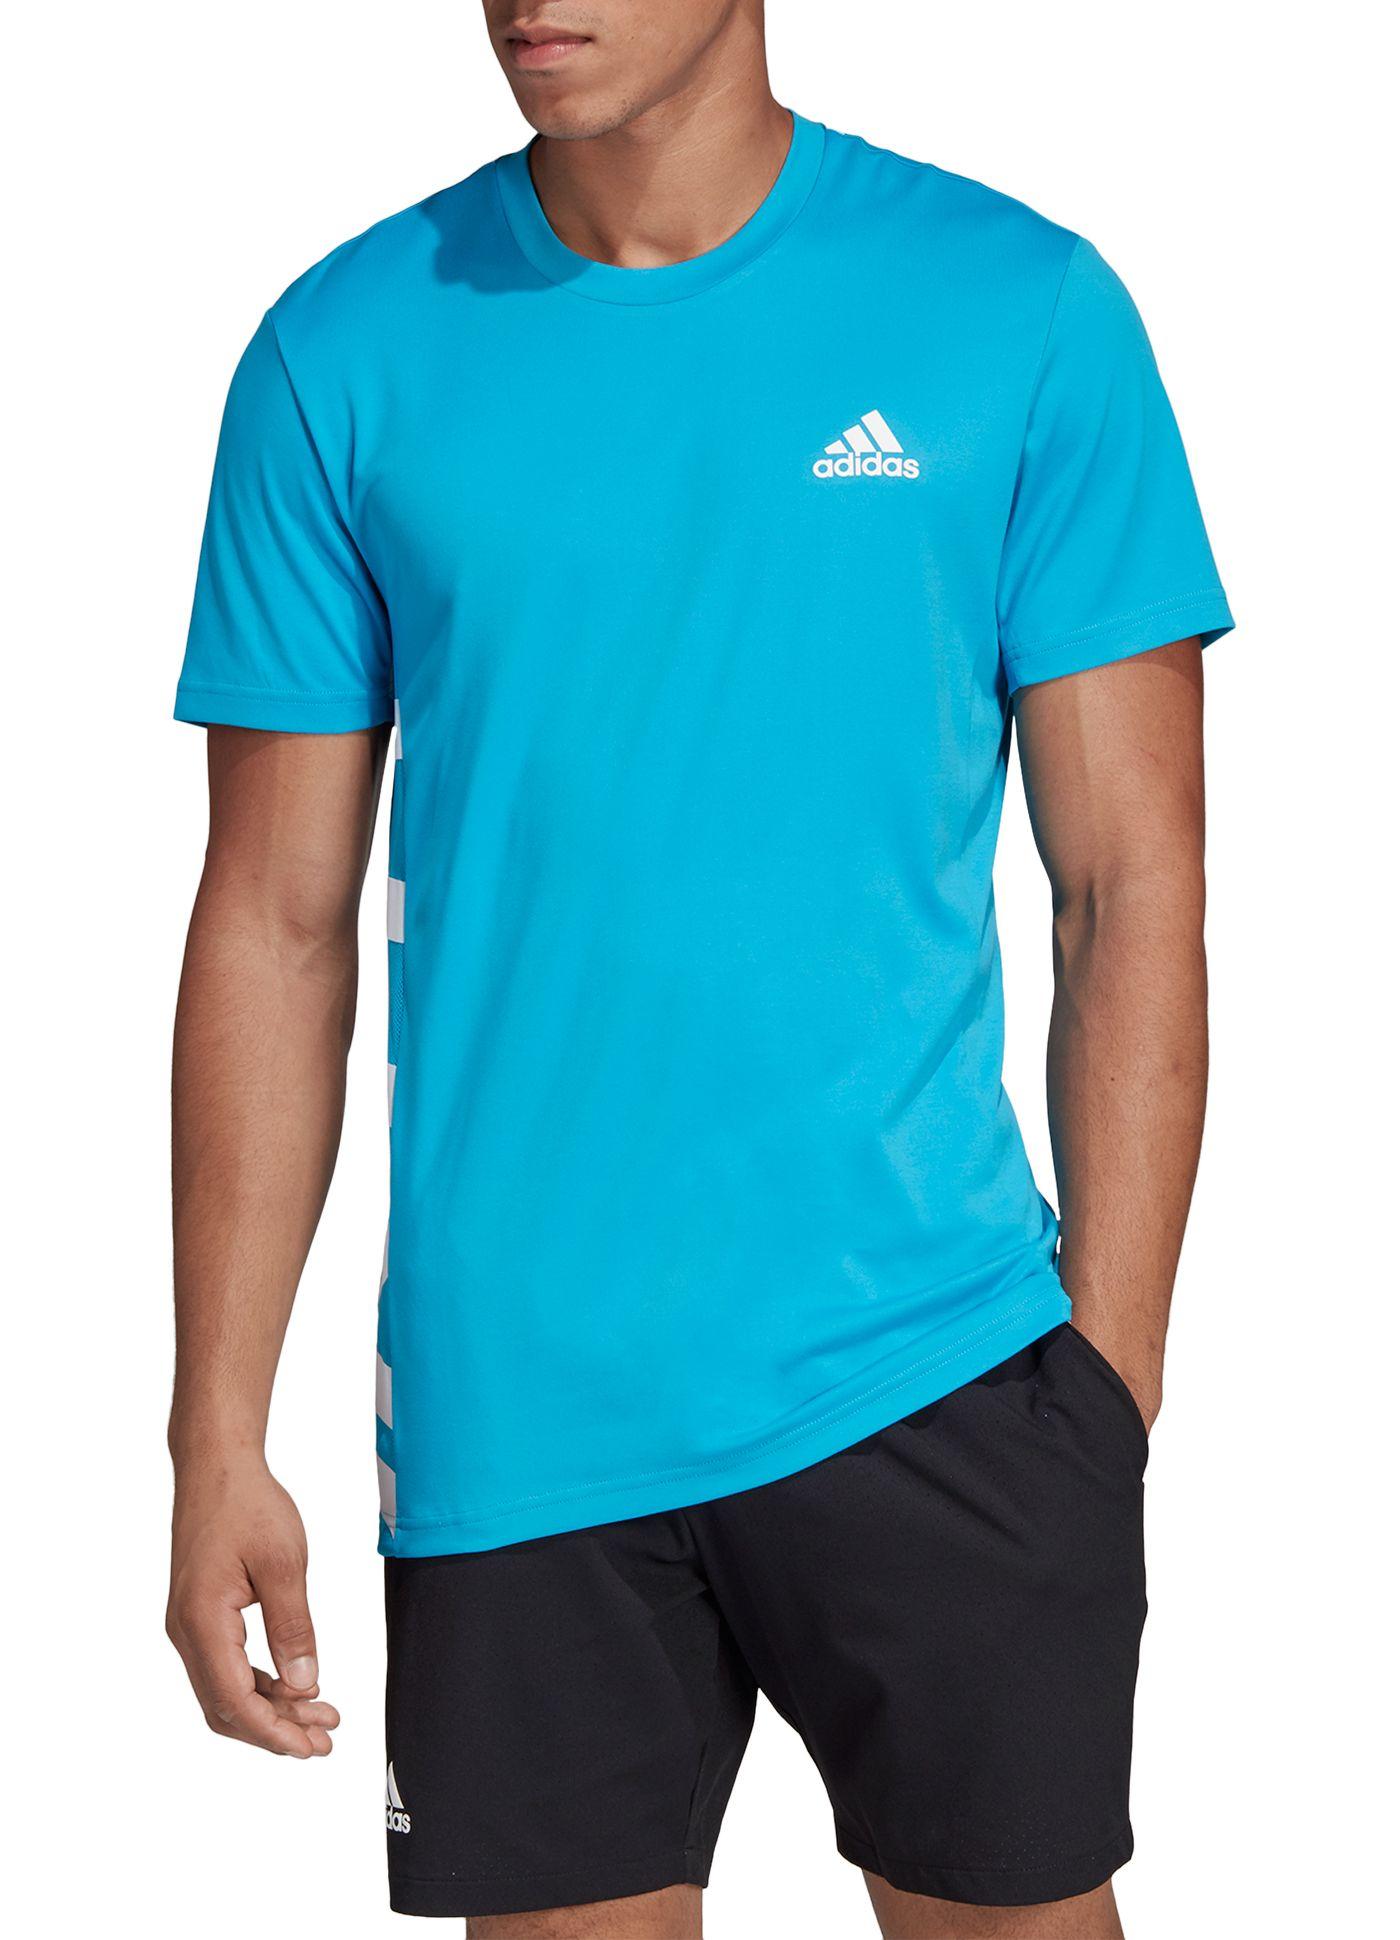 adidas Men's Escouade Tennis T-Shirt